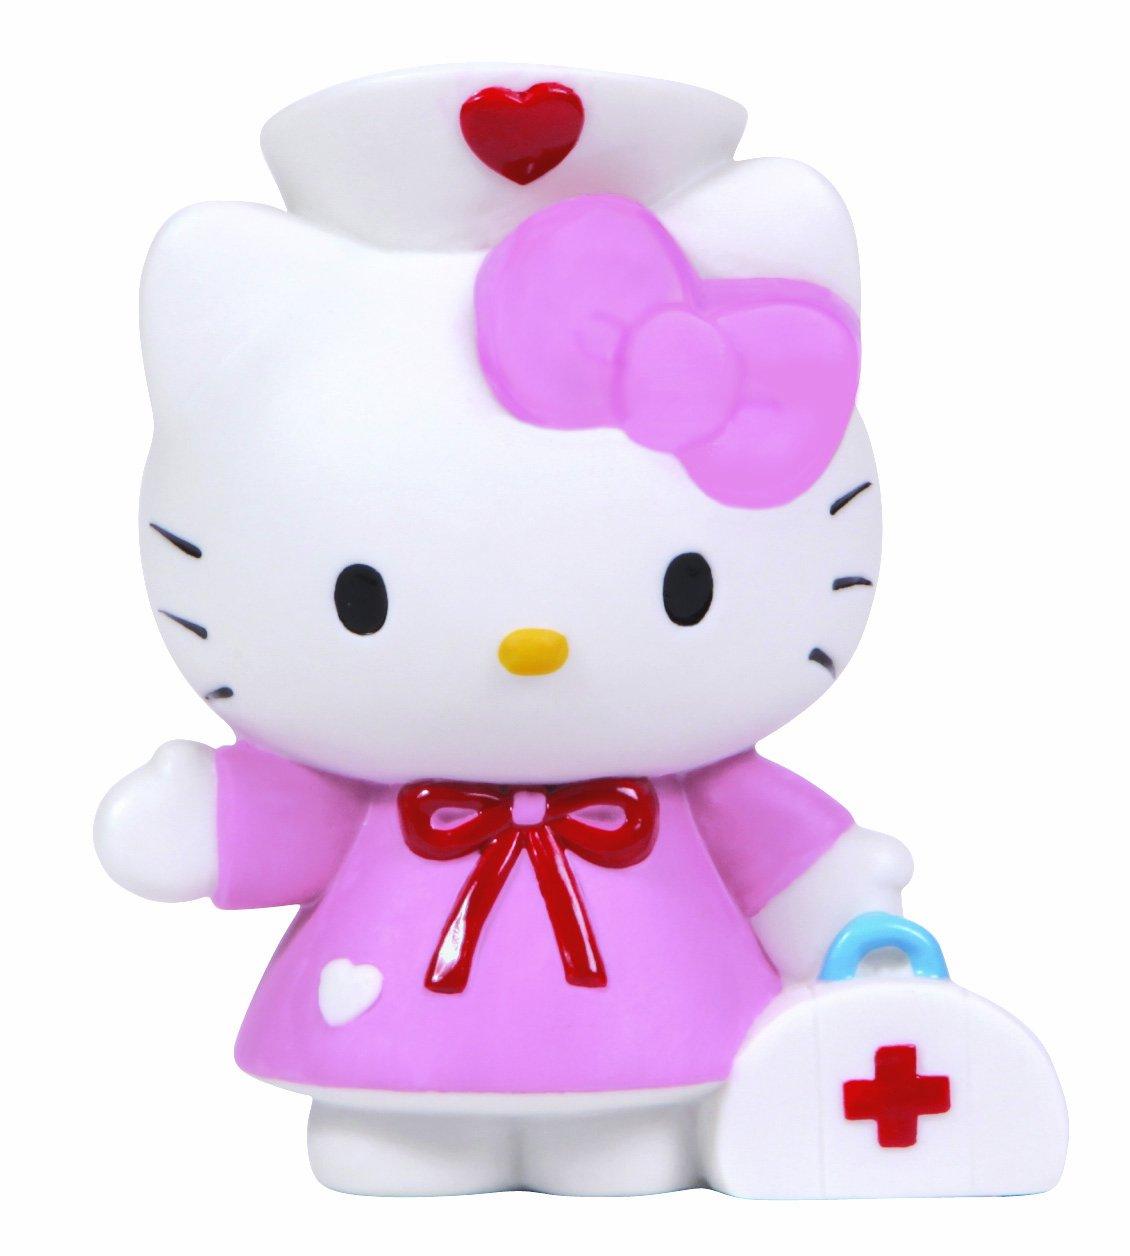 figurine hello kitty